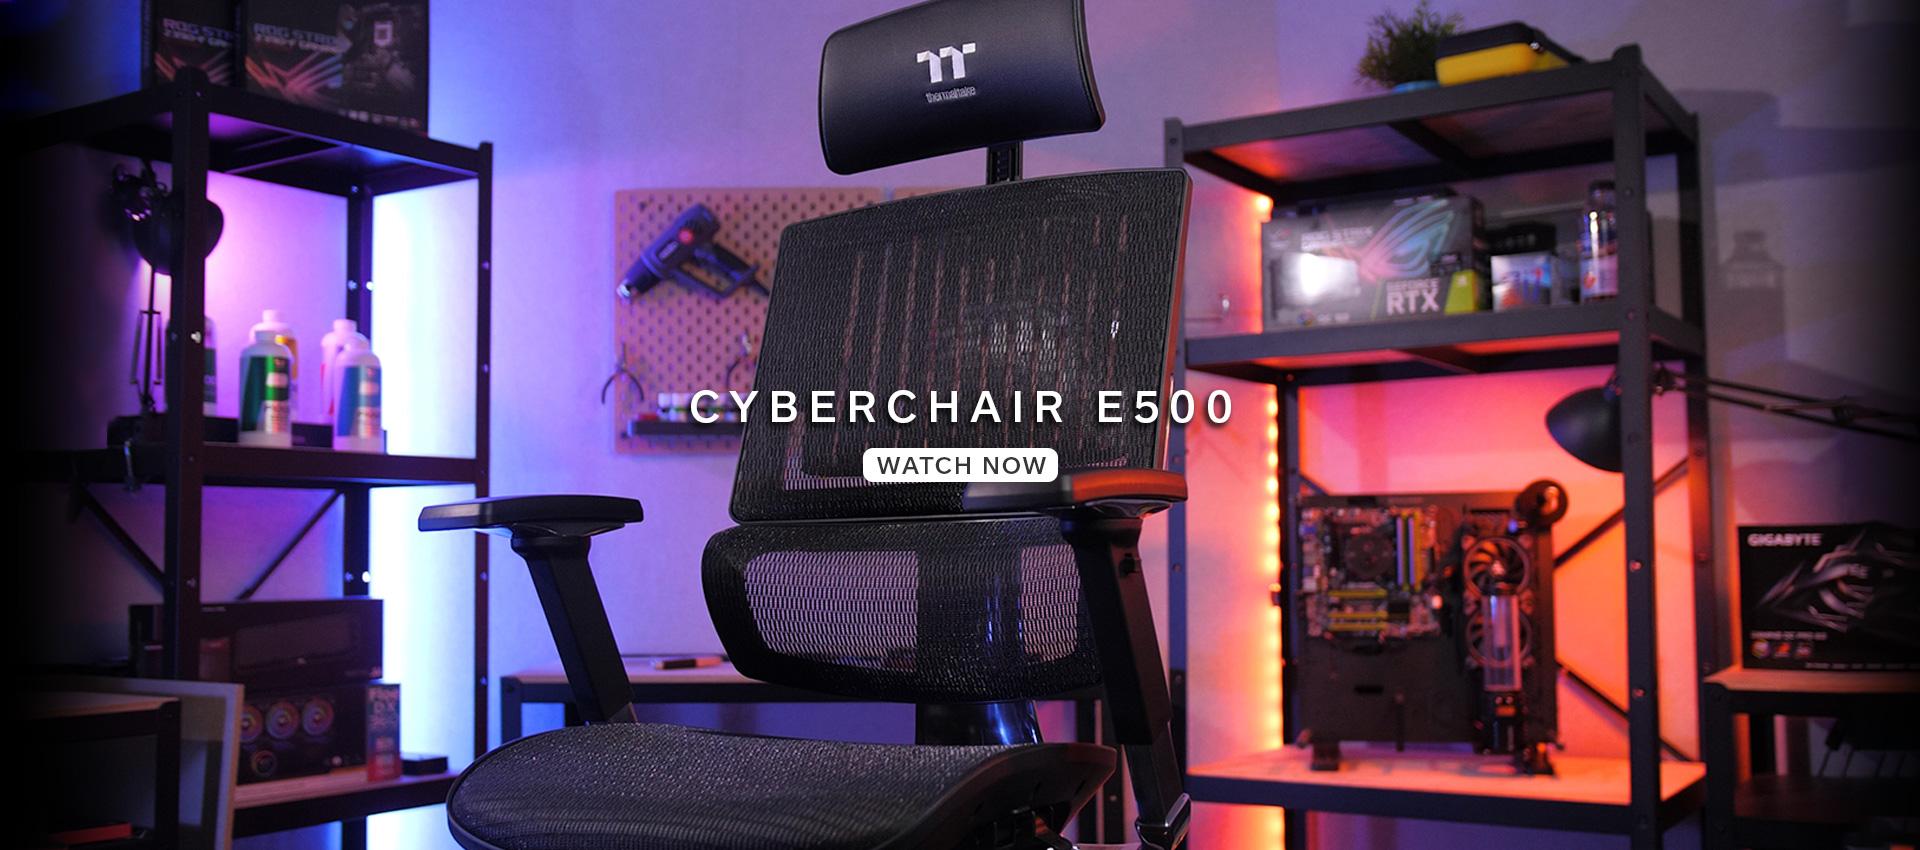 CyberChair E500